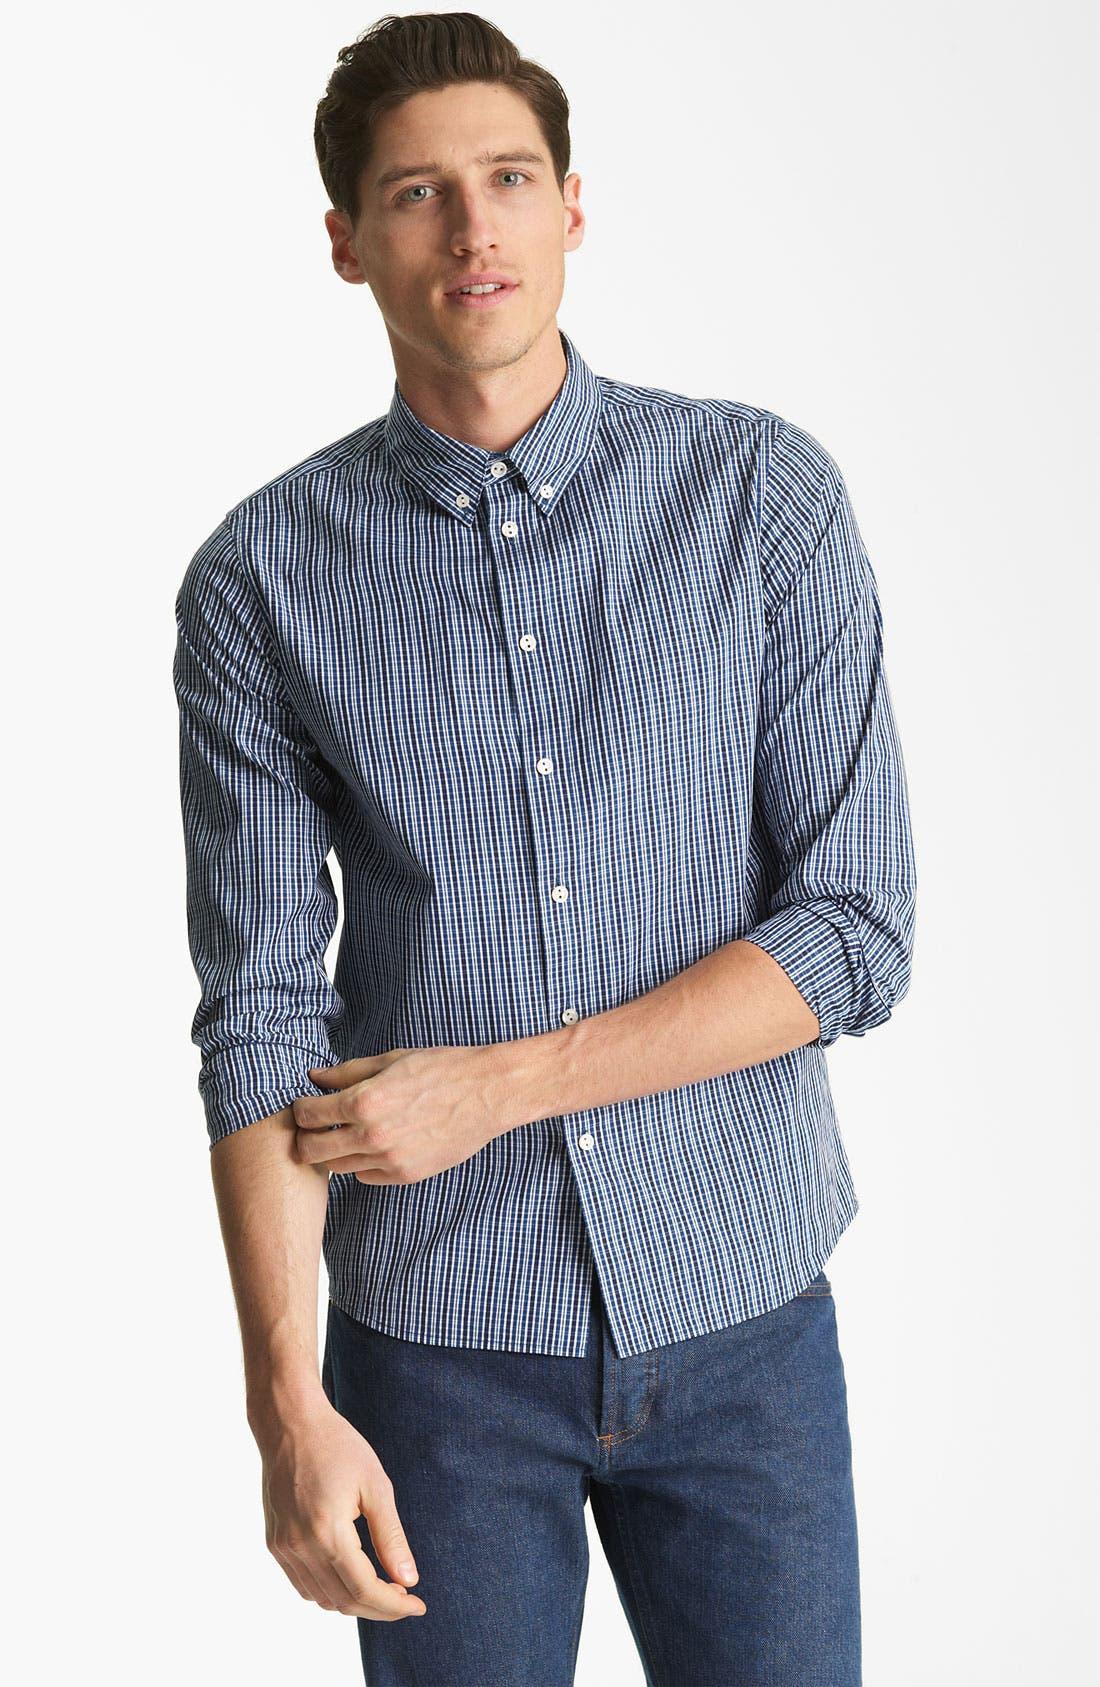 Alternate Image 1 Selected - A.P.C. Plaid Cotton Shirt